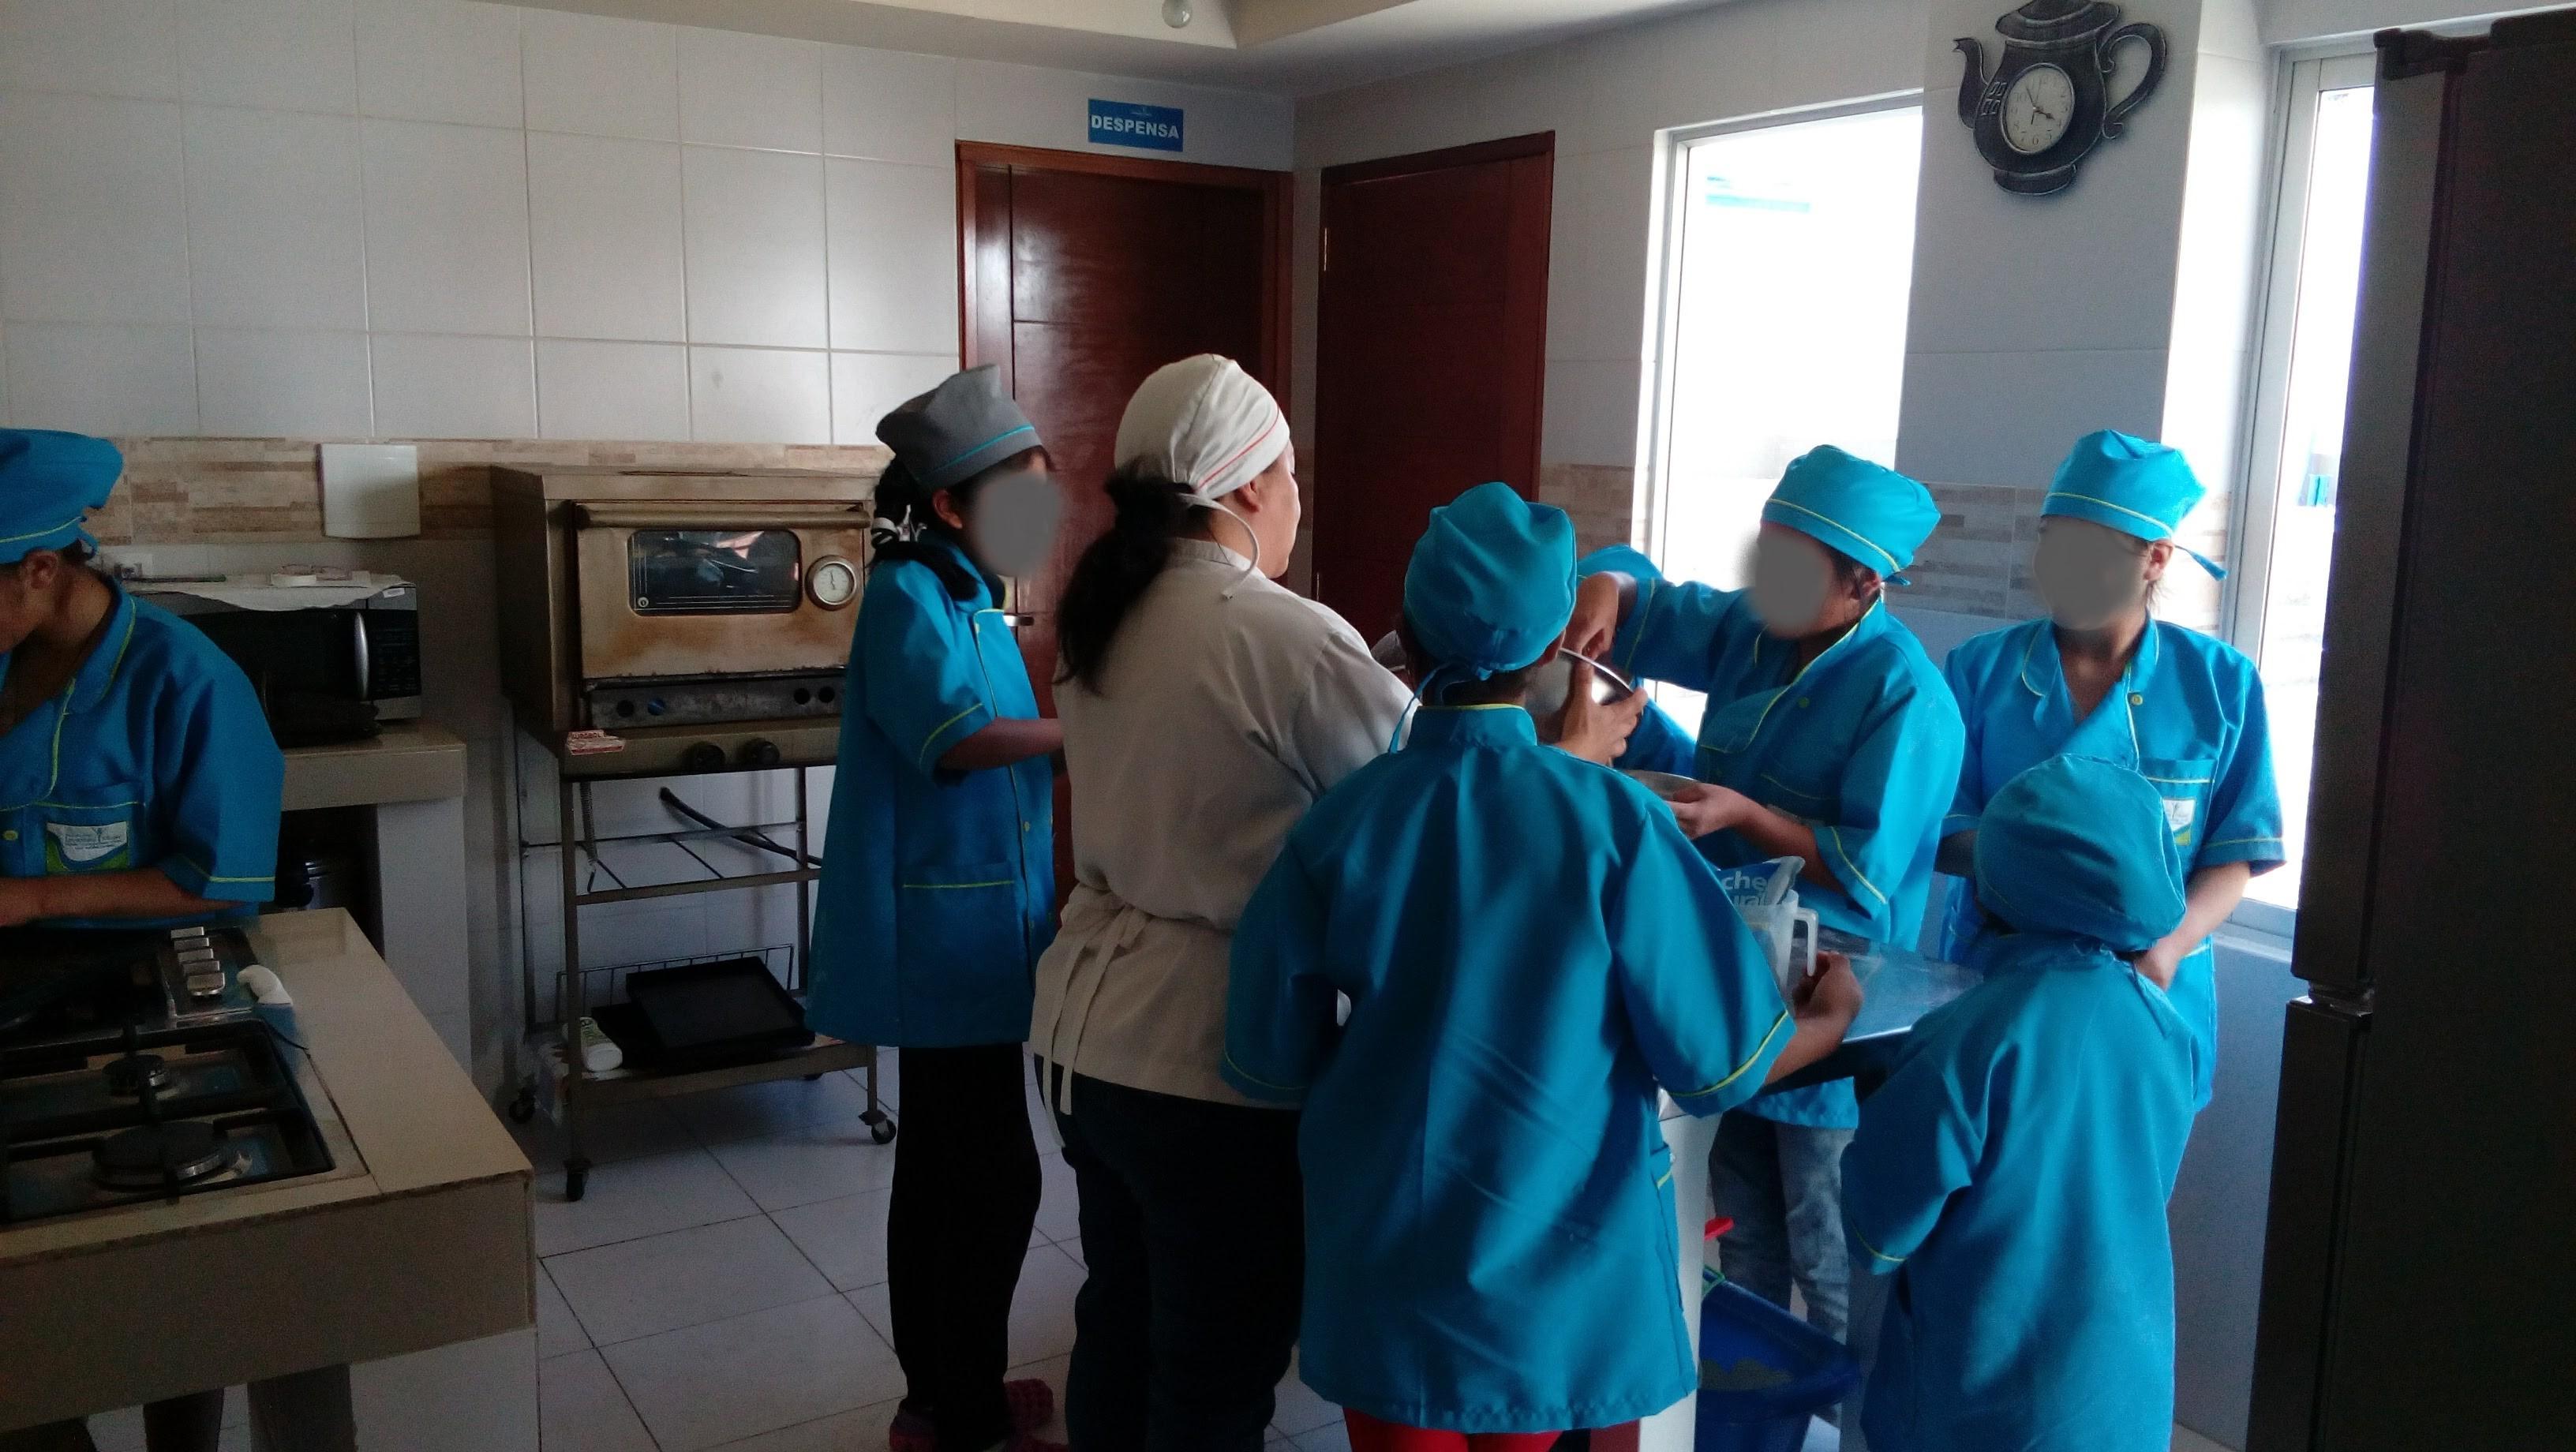 Formación profesional, una segunda oportunidad para las víctimas de trata en Bolivia